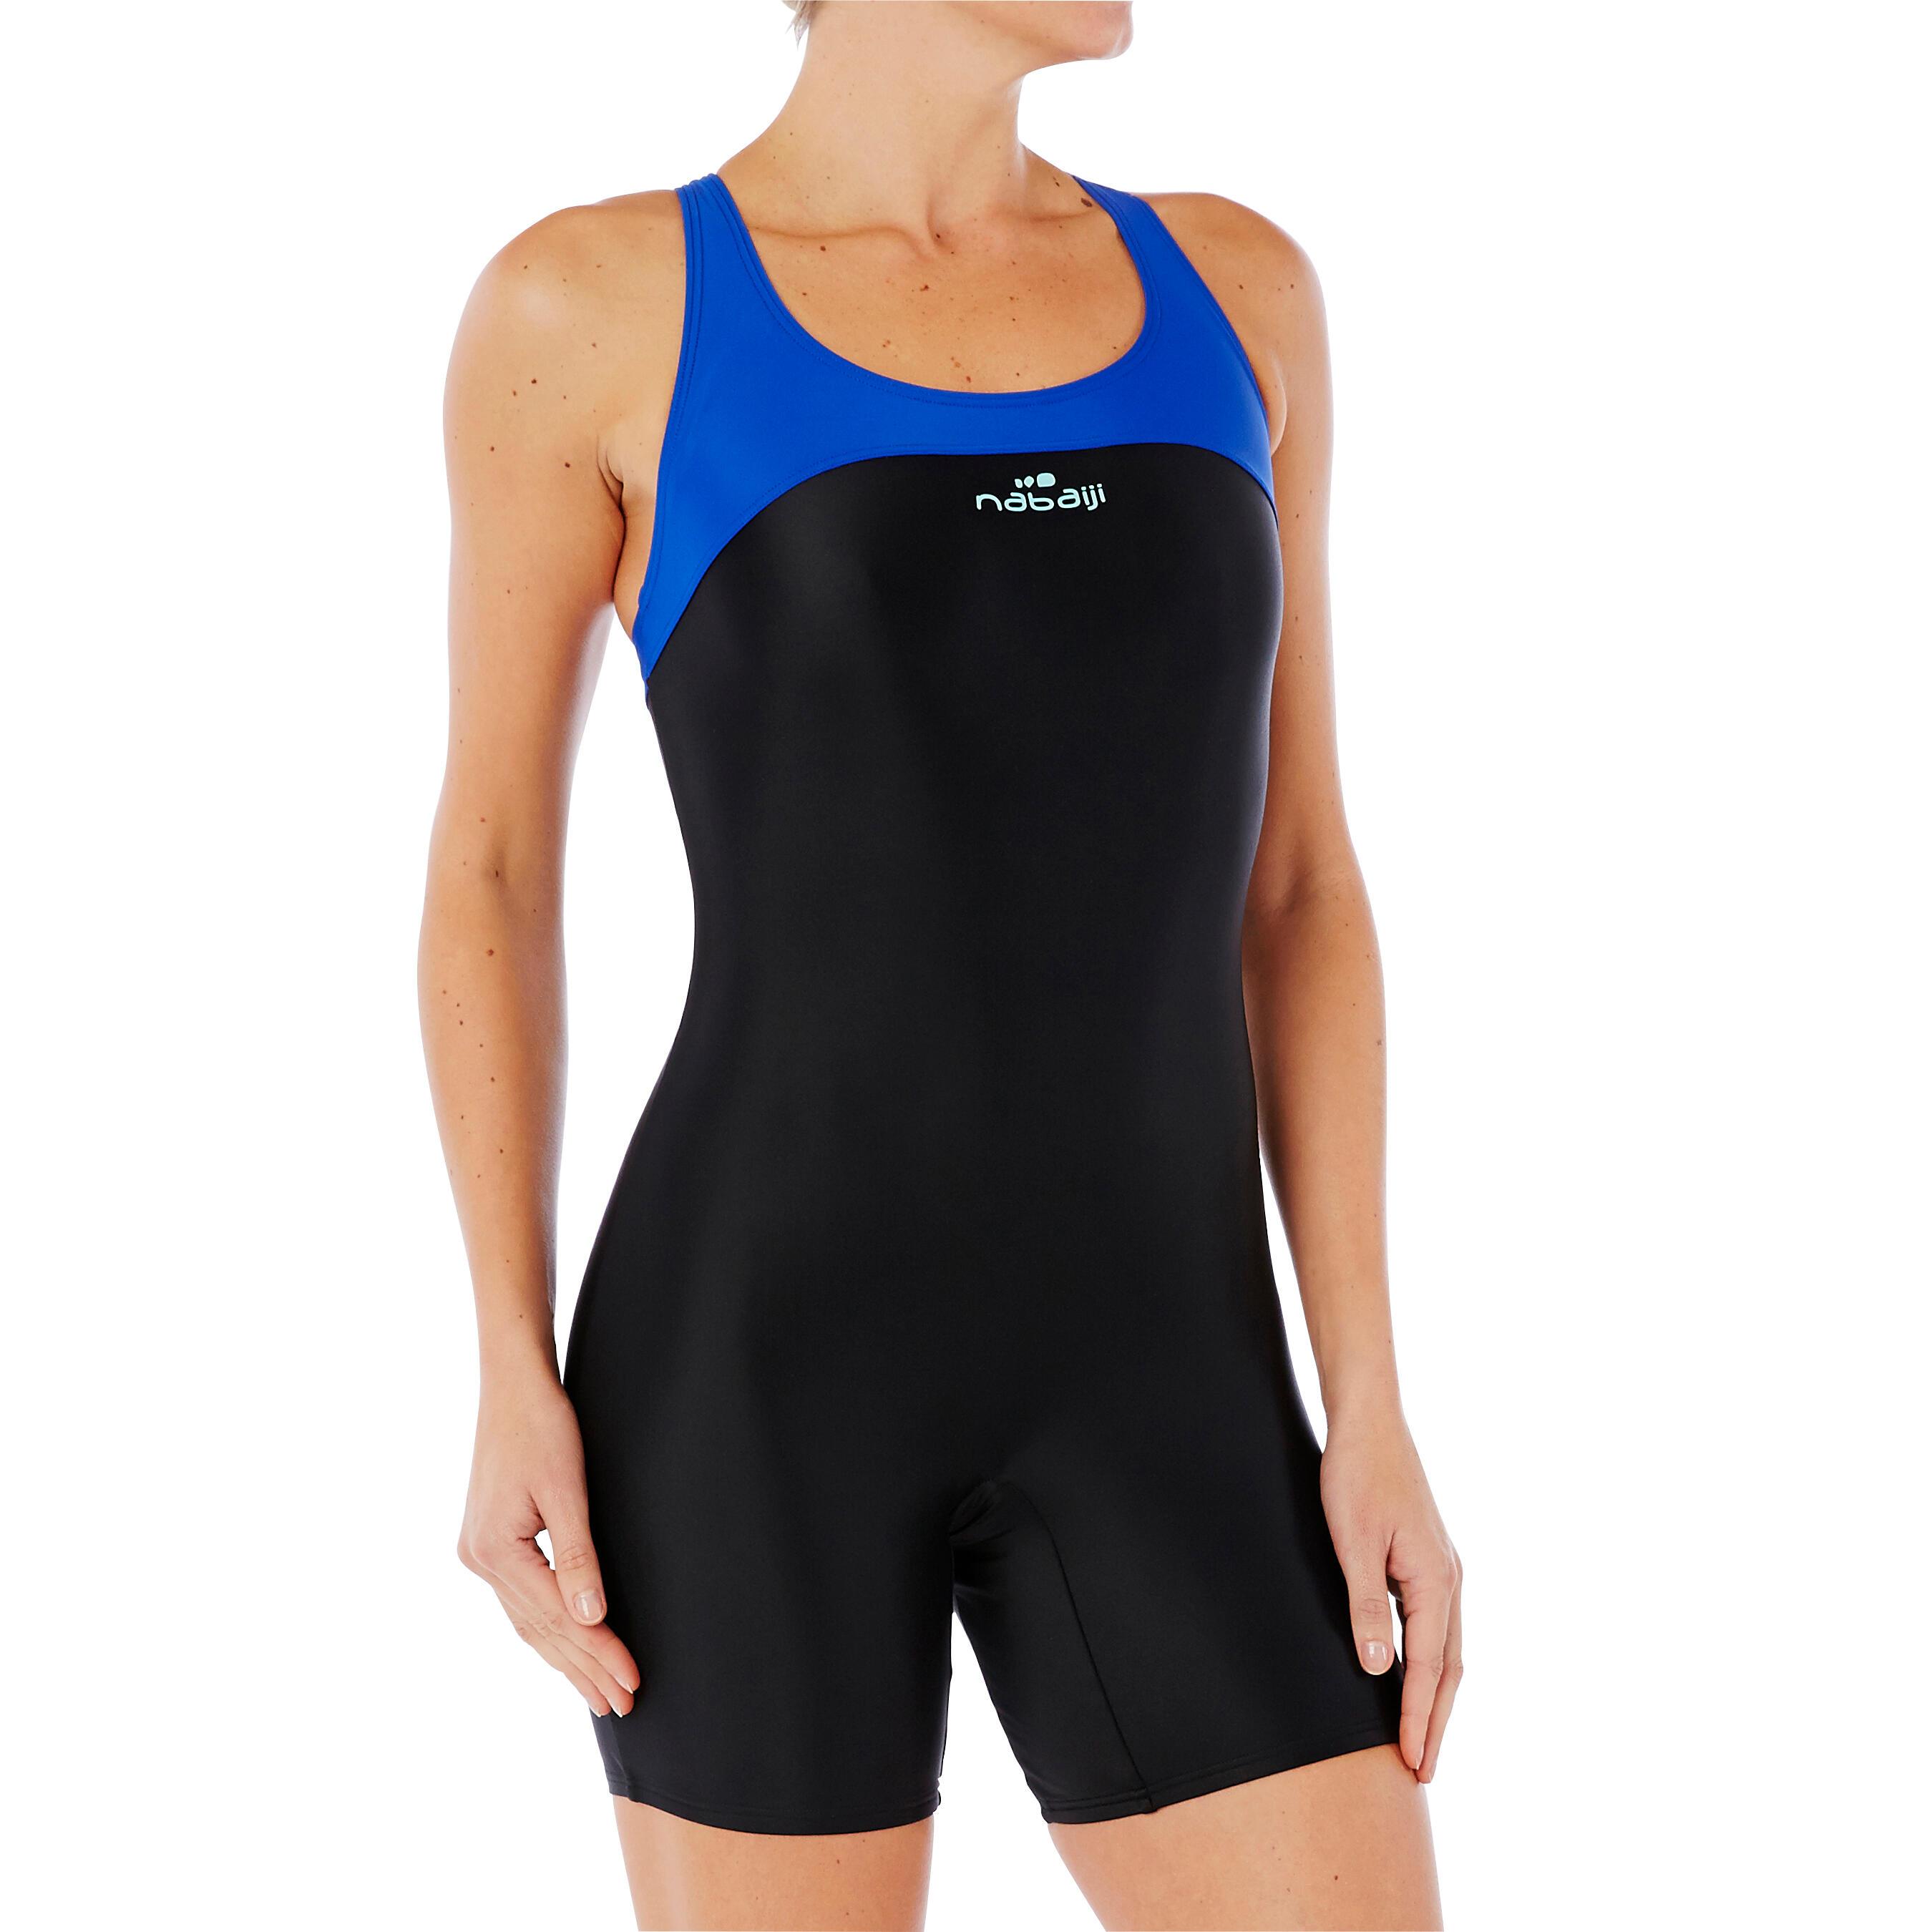 Maillot de bain de natation une pièce culotte femme résistant au chlore Leony